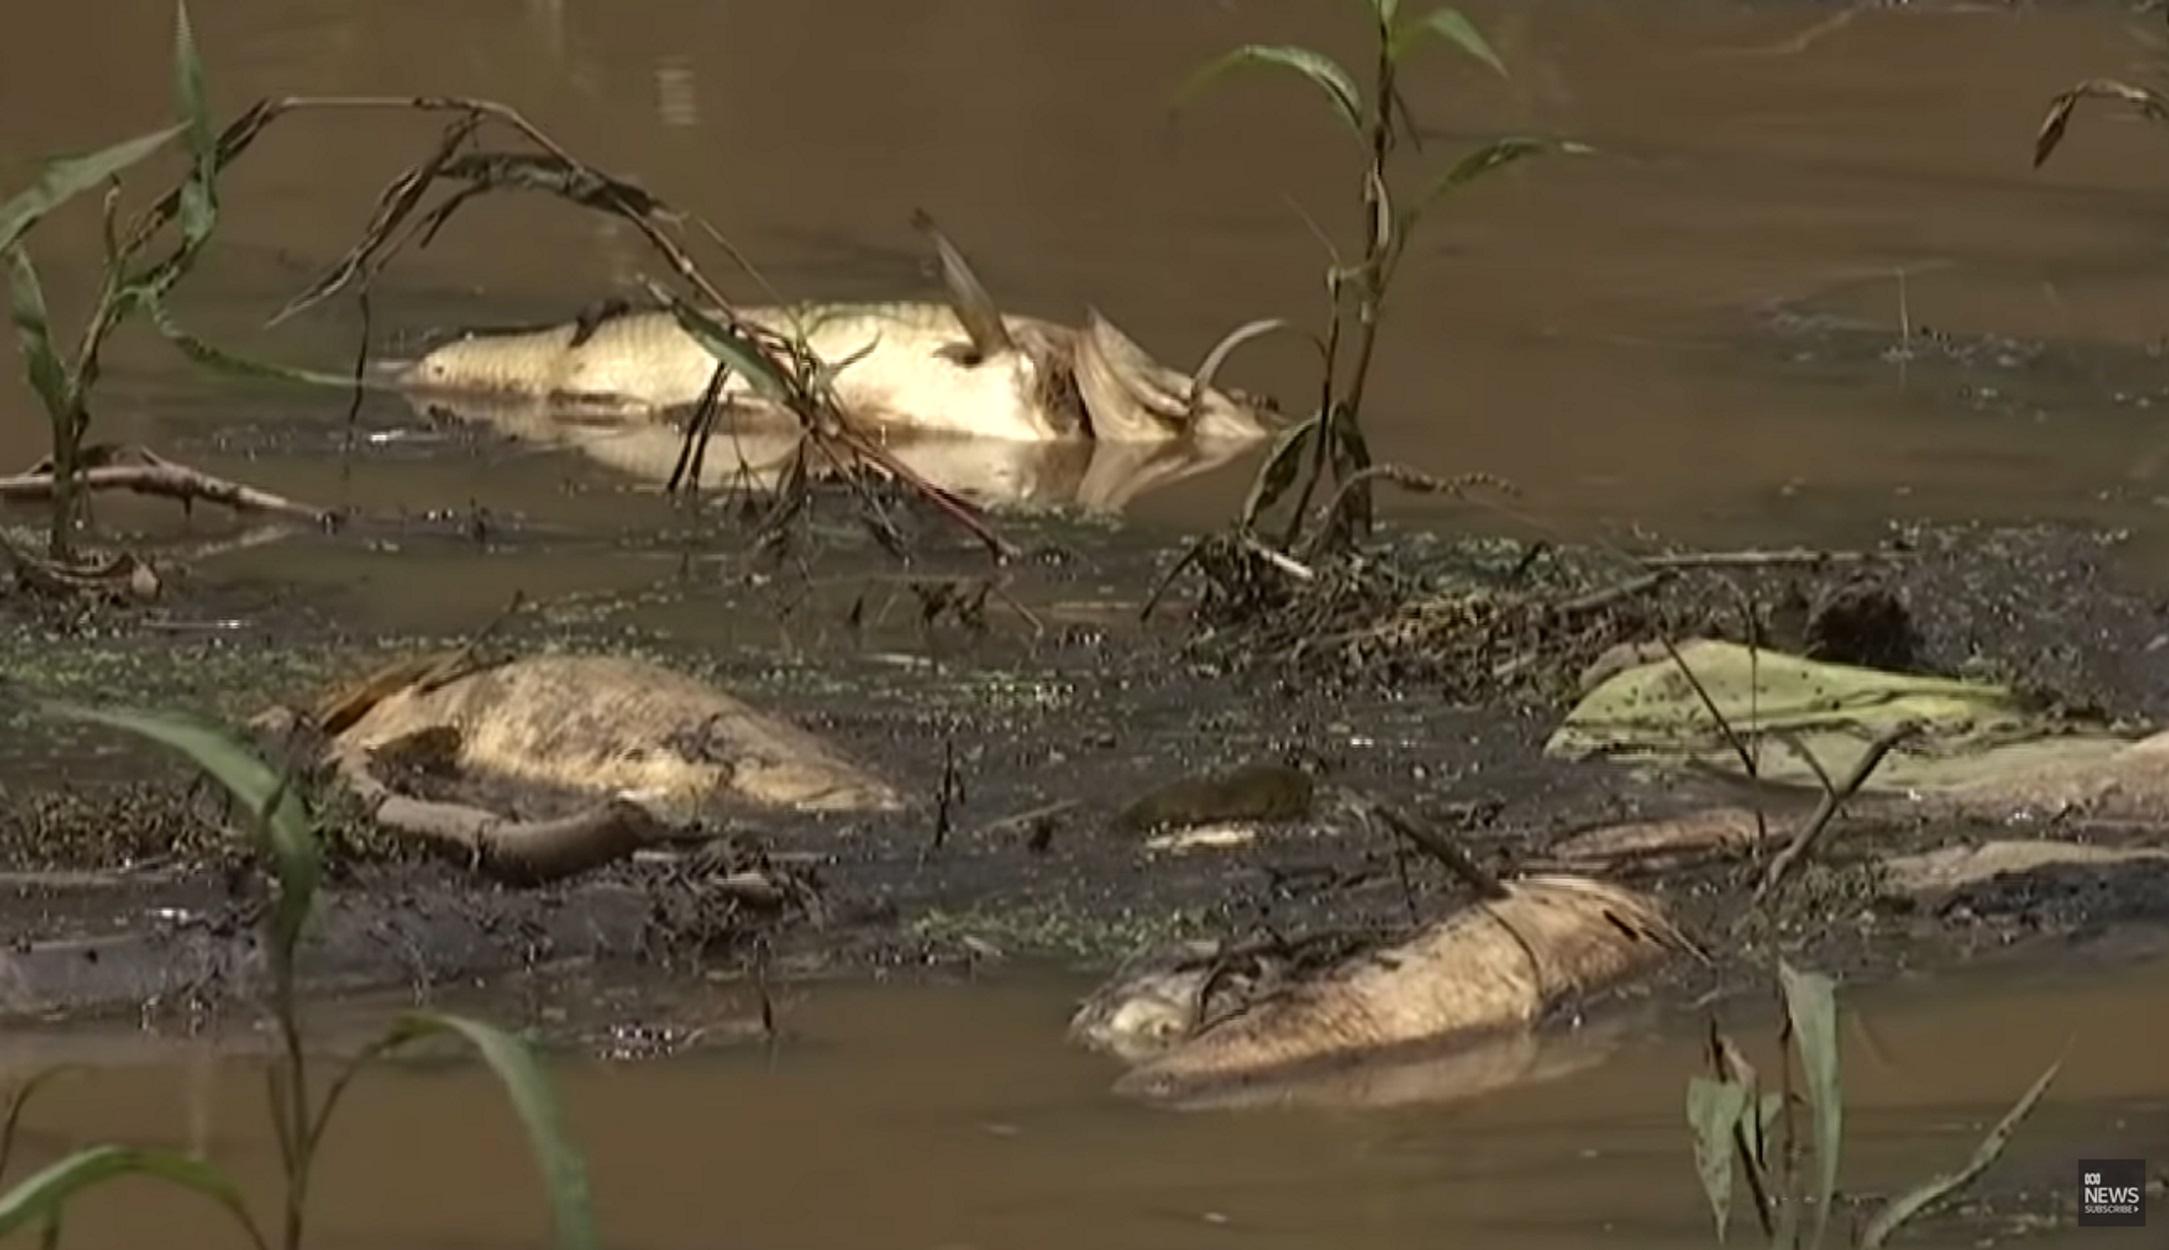 Χιλιάδες νεκρά ψάρια ξεβράστηκαν στις όχθες ποταμών - Τα αίτια αναζητούν ερευνητές